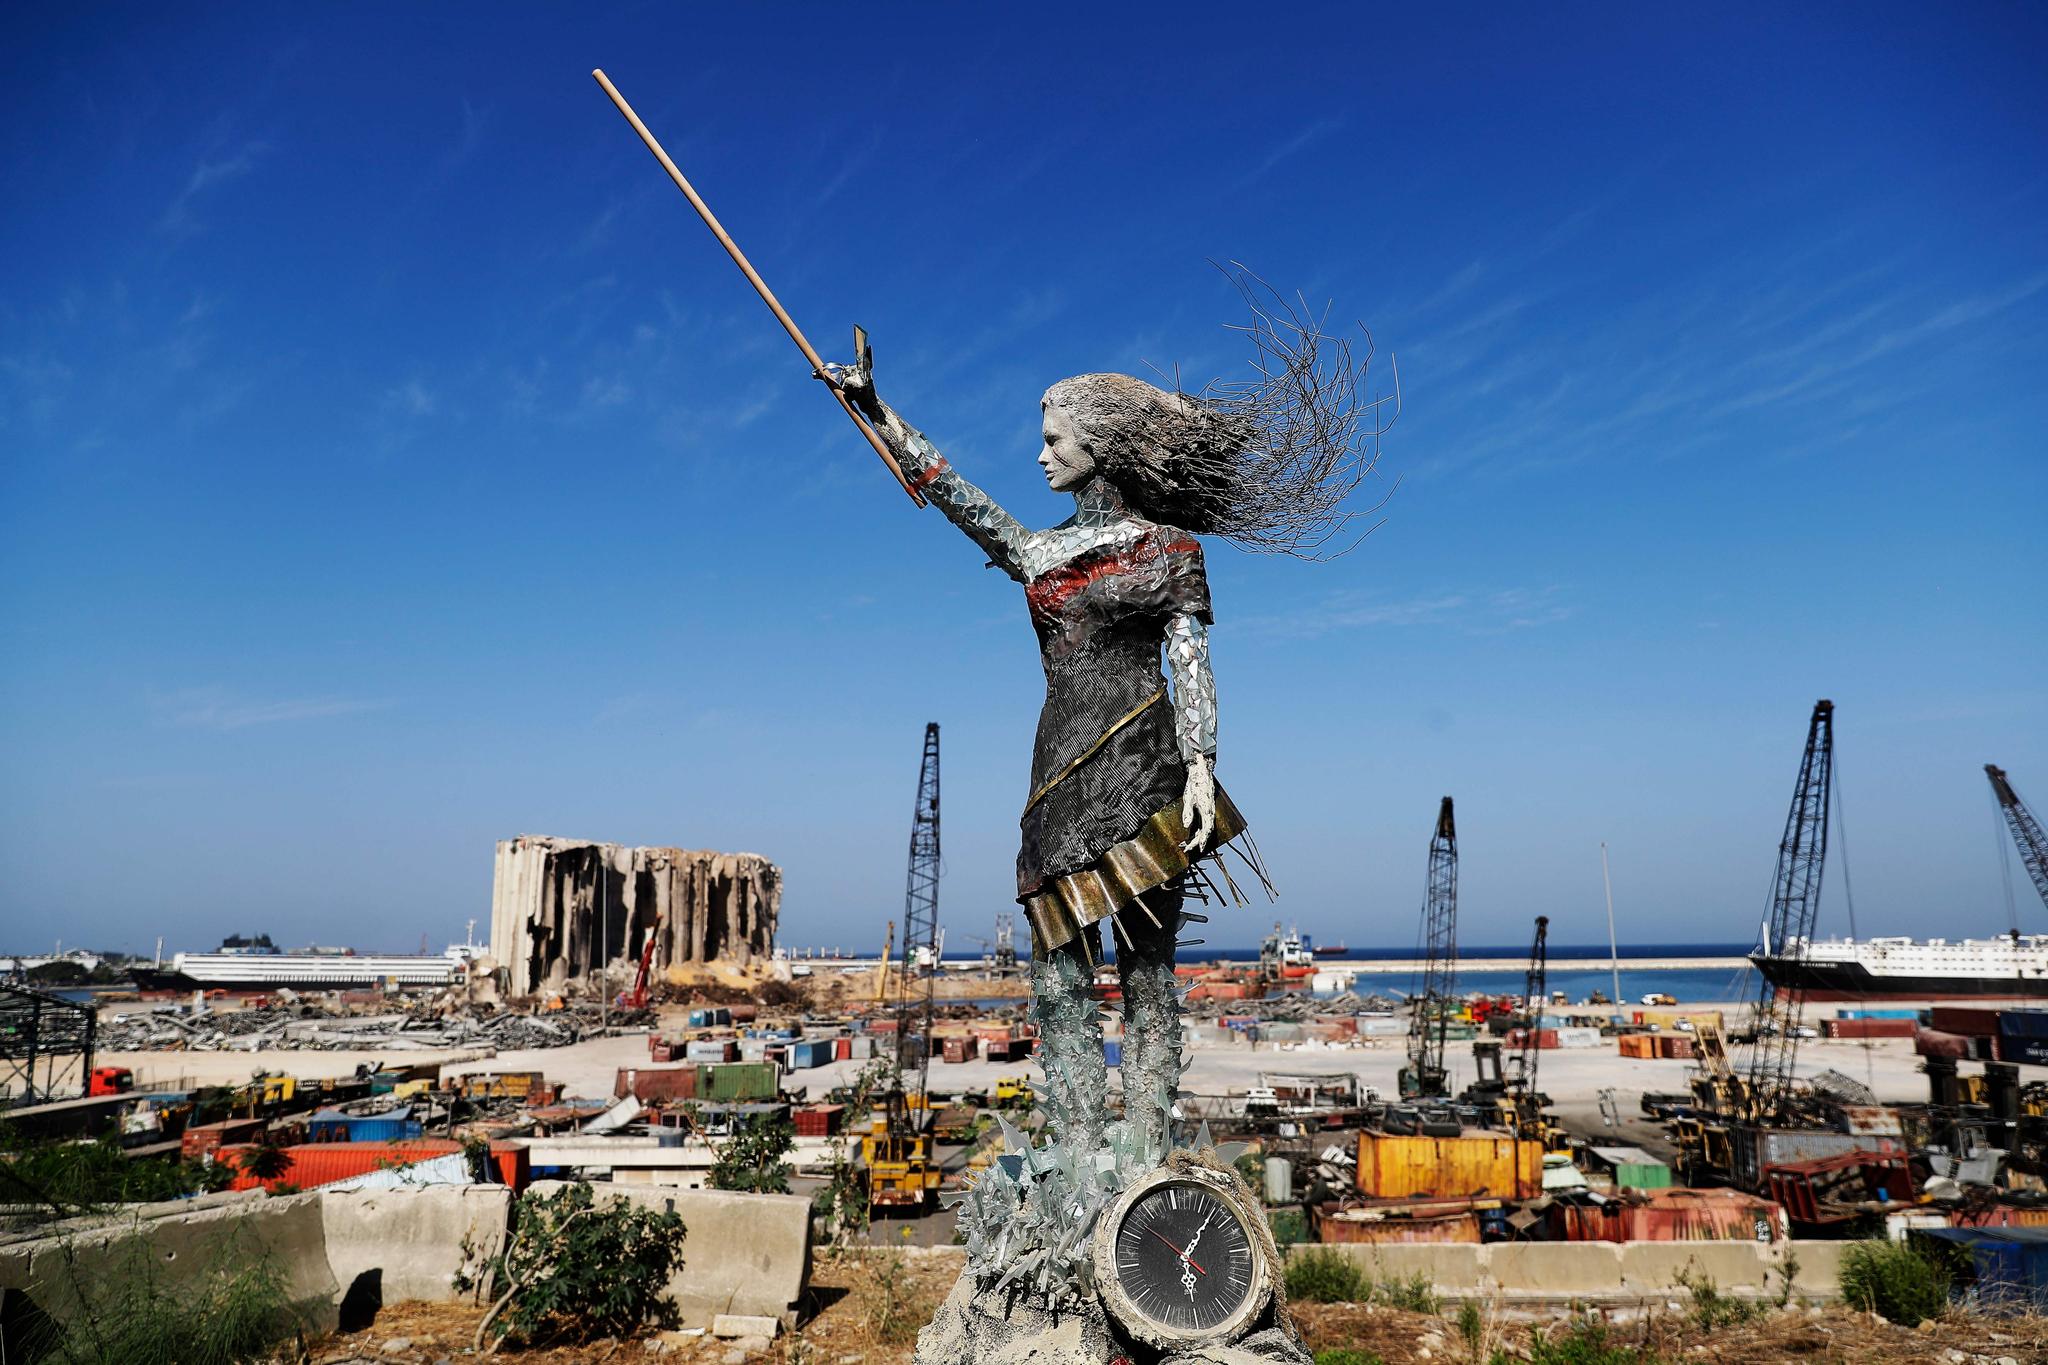 20일(현지시간) 복구 작업이 한창인 레바논 베이루트 항구에 여성 동상이 세워져 있다. 레바논 예술가들은 폭발이 있었던 지난 8월 4일 오후 6시 7분에 멈춘 시계와 폭발 현장의 파편 등으로 이 동상을 만들었다. AFP=연합뉴스